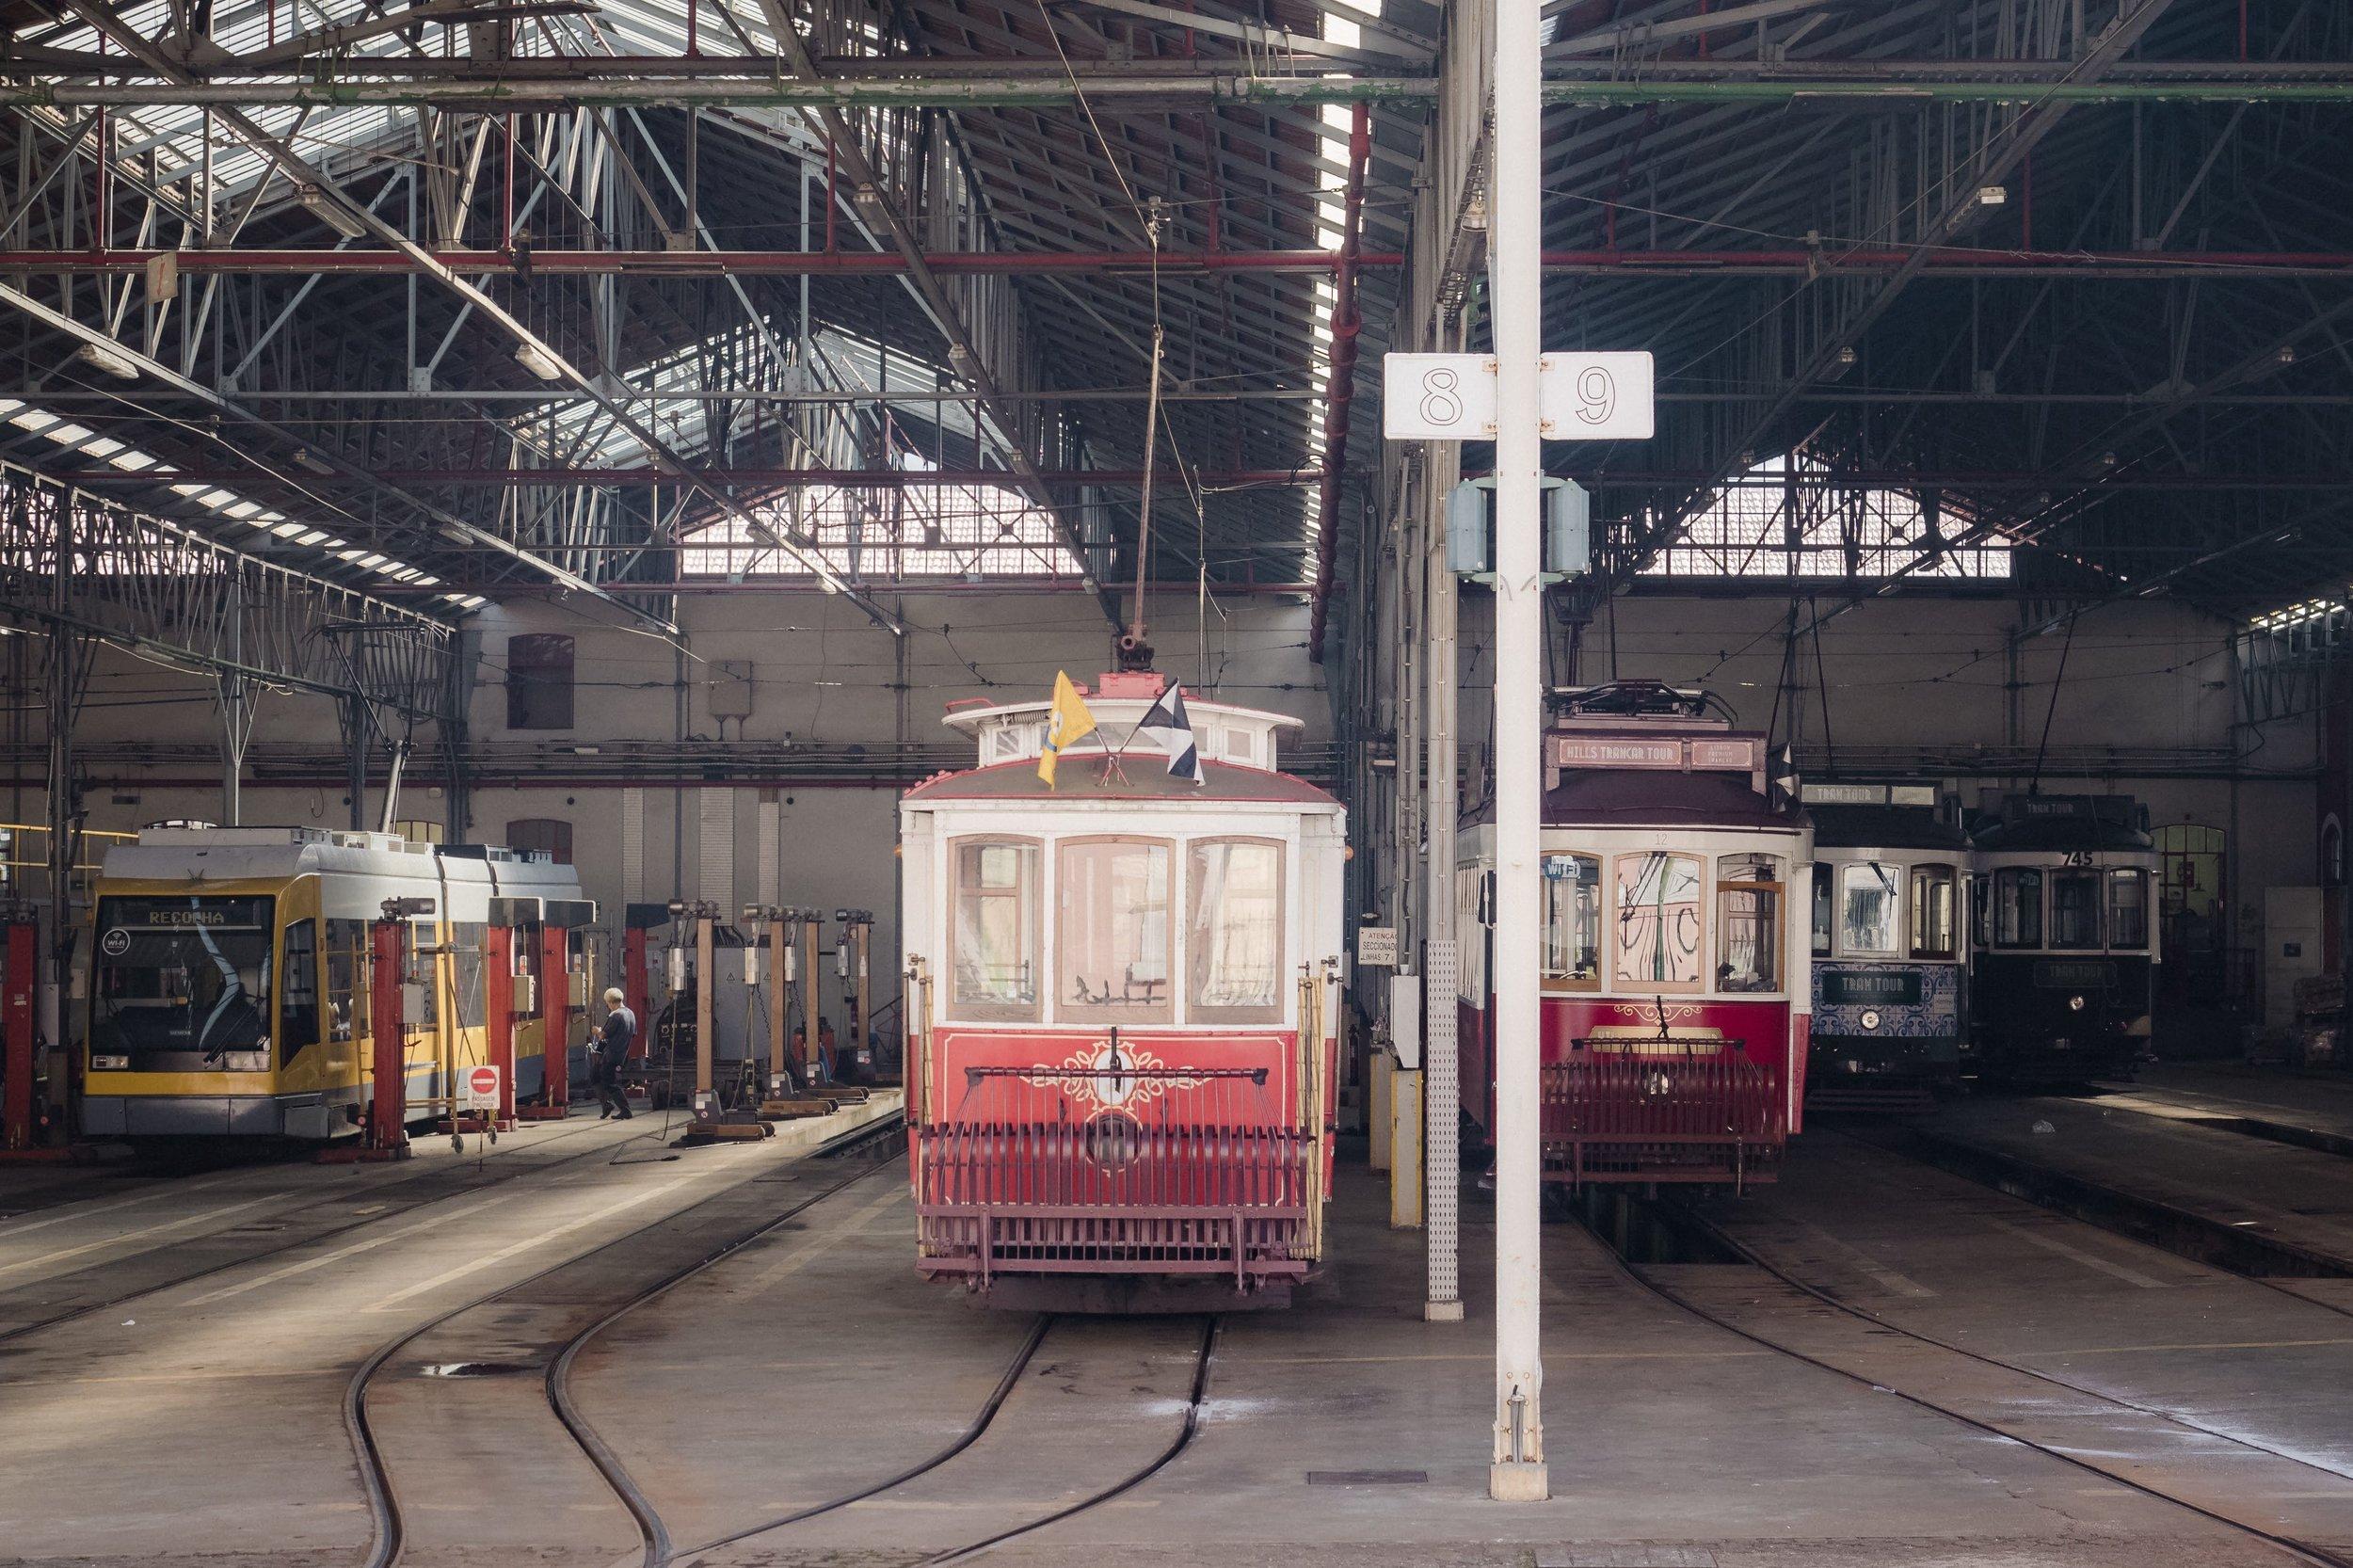 Lisbon's tram depot